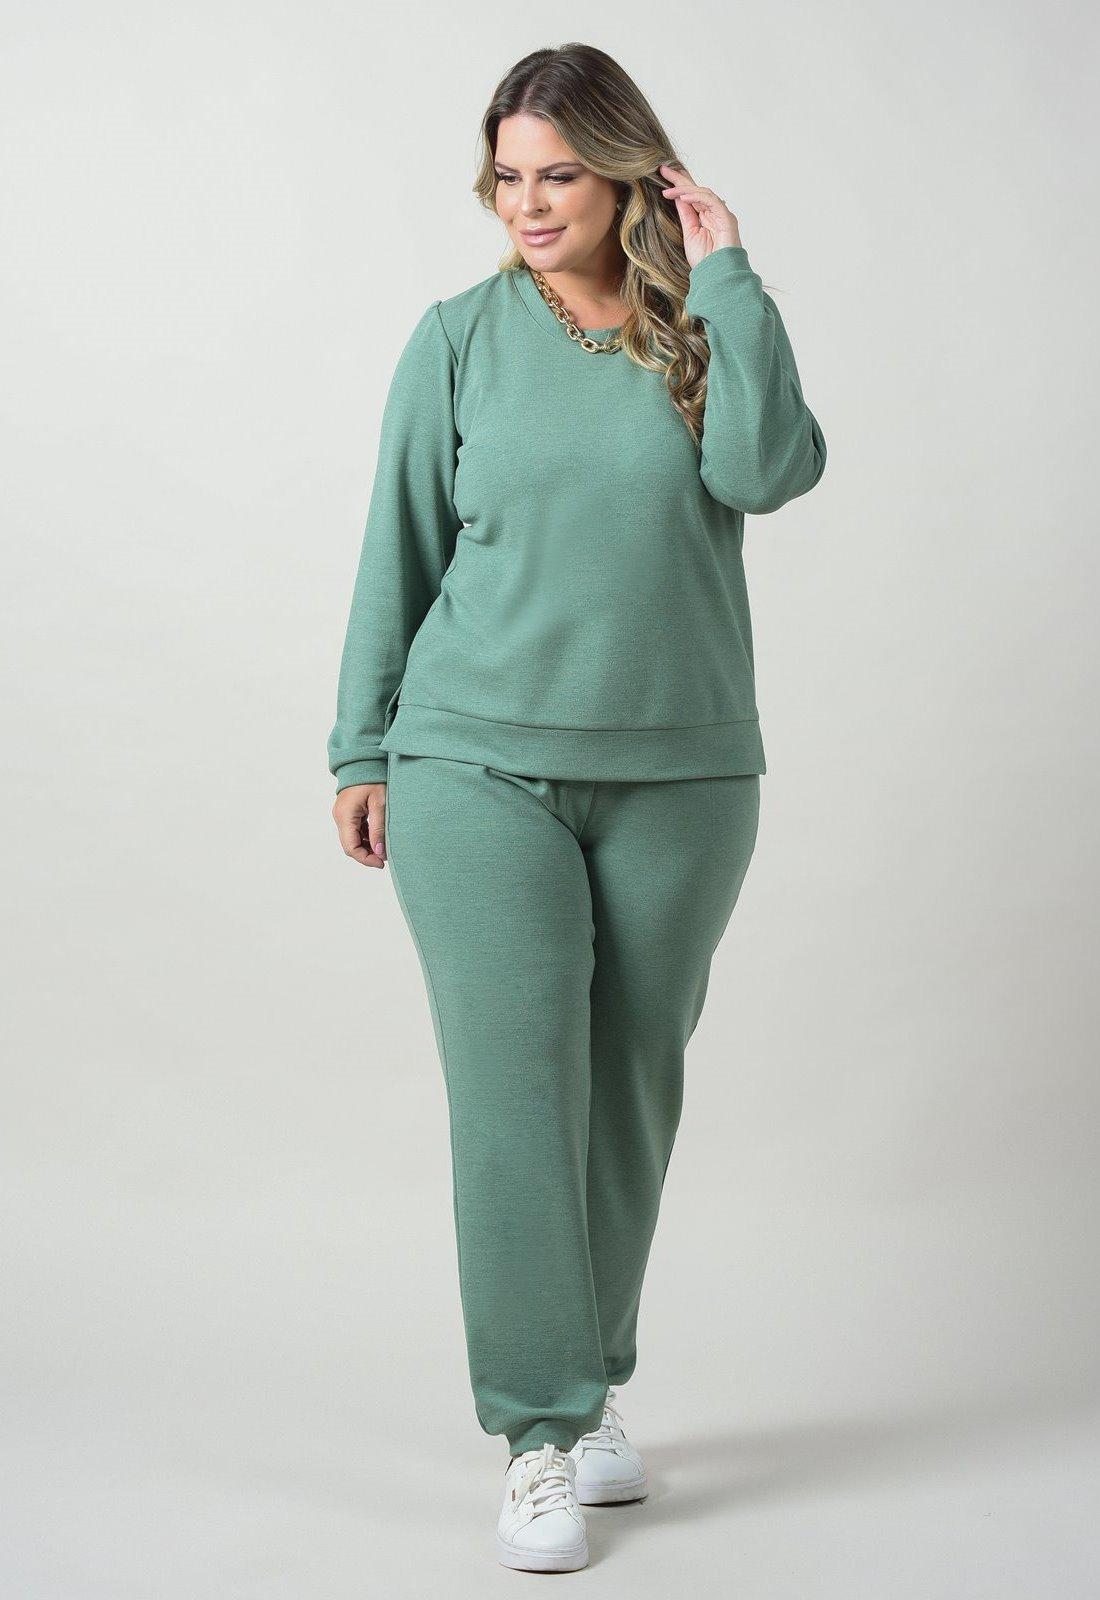 Conjunto  moletom plus size  verde blusa  e calça  Ref. U69121